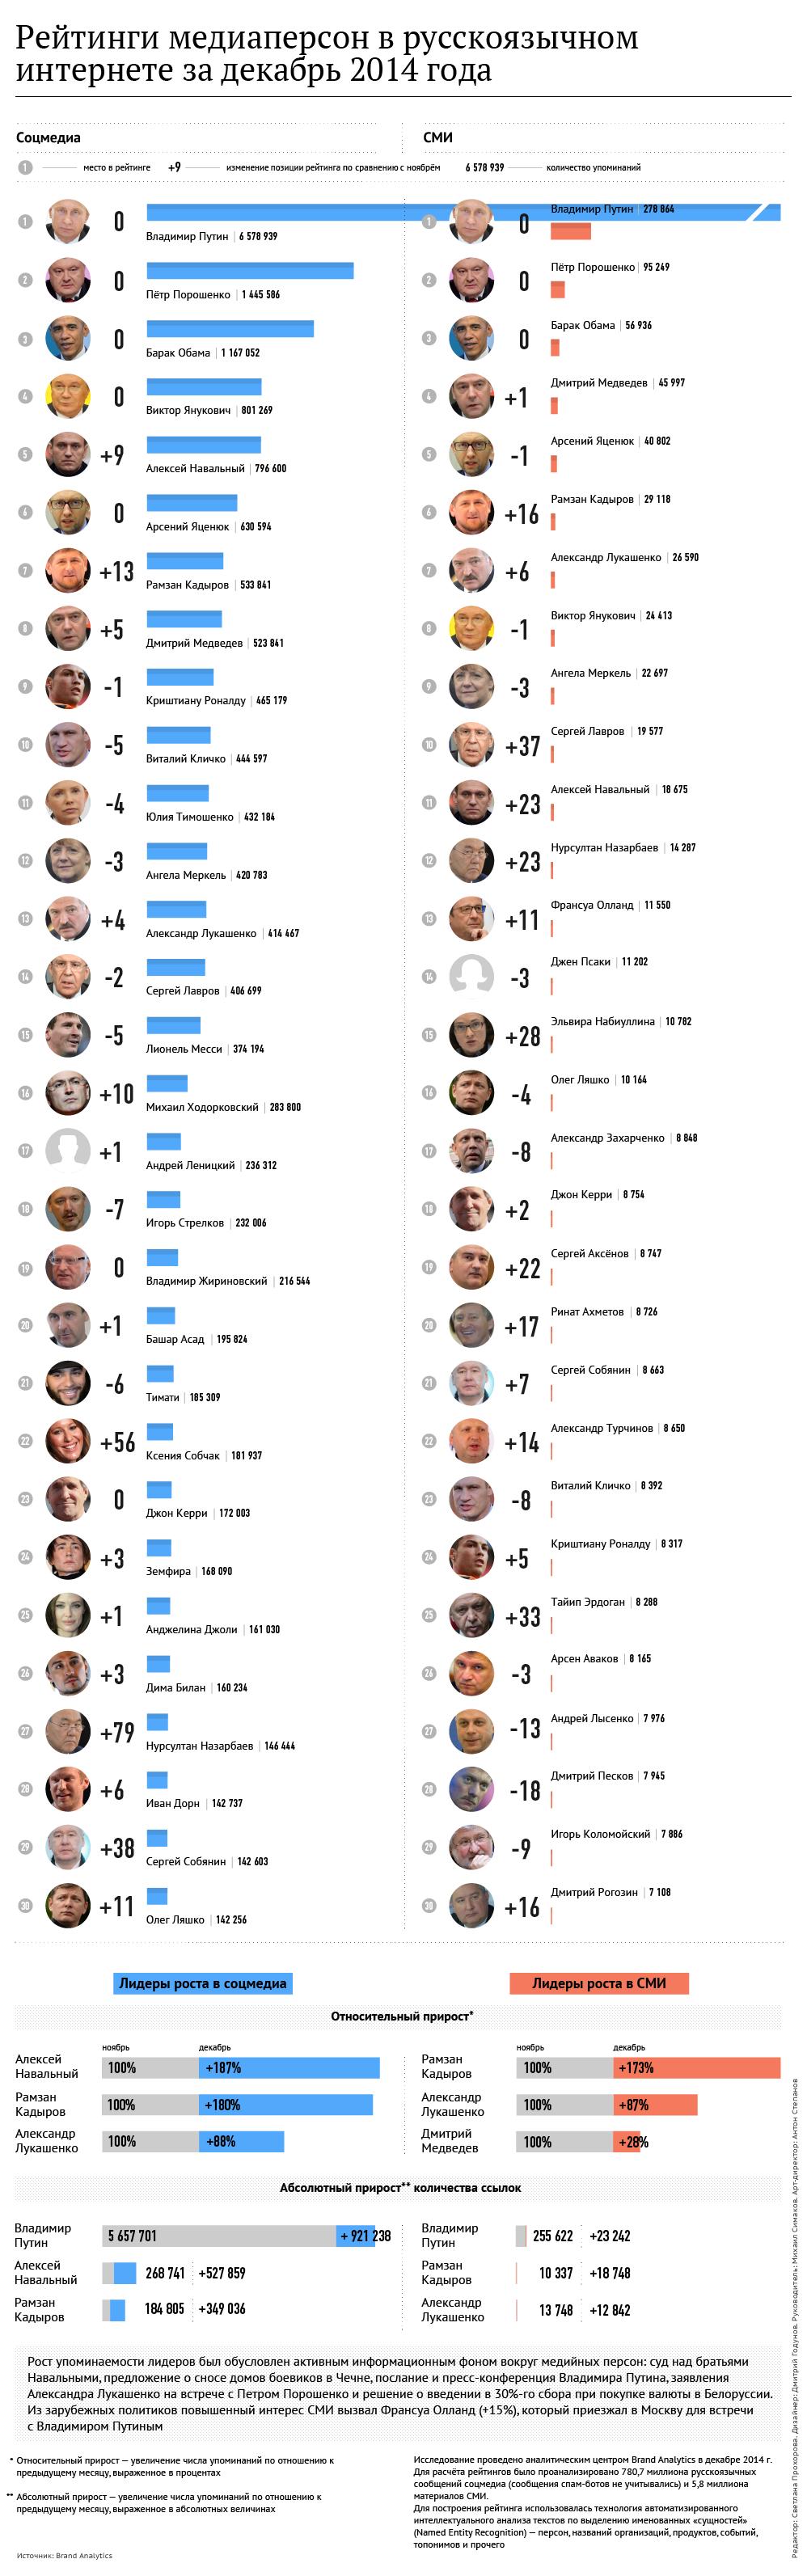 Рейтинги медиаперсон в русскоязычном интернете за декабрь 2014 года